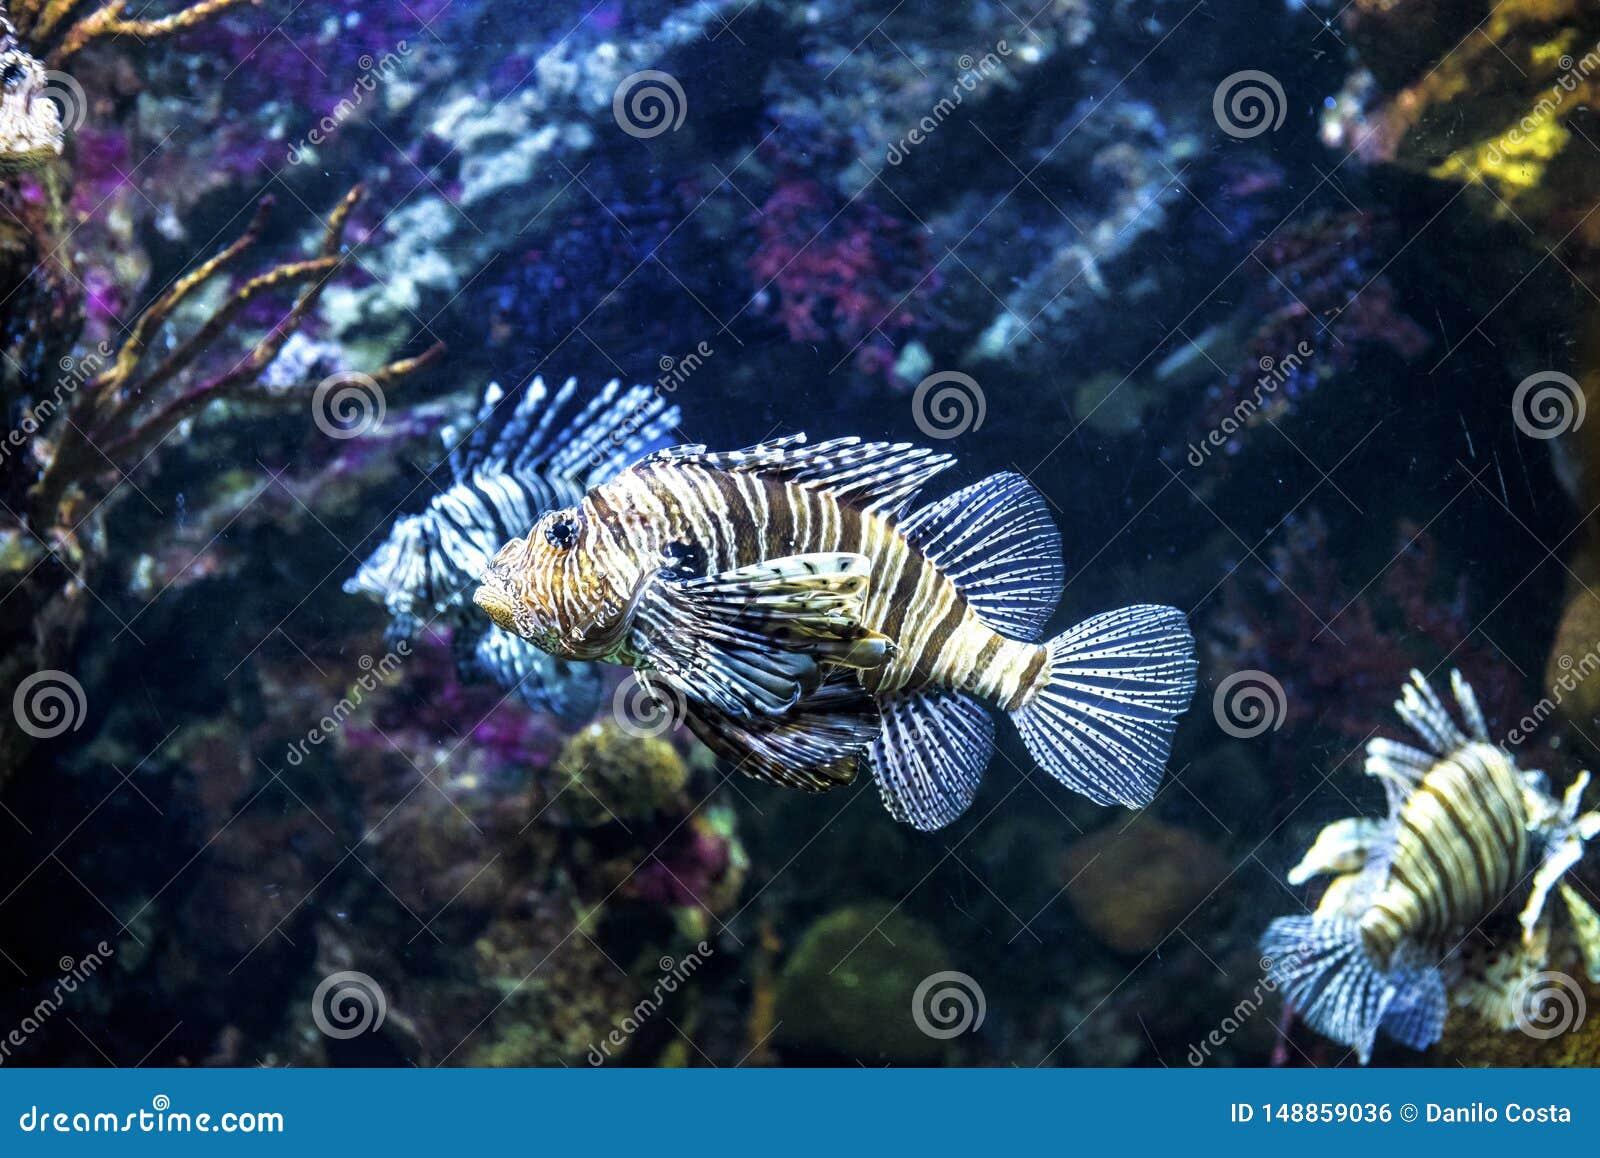 Barcelona Spain, scorpion fish aquarium